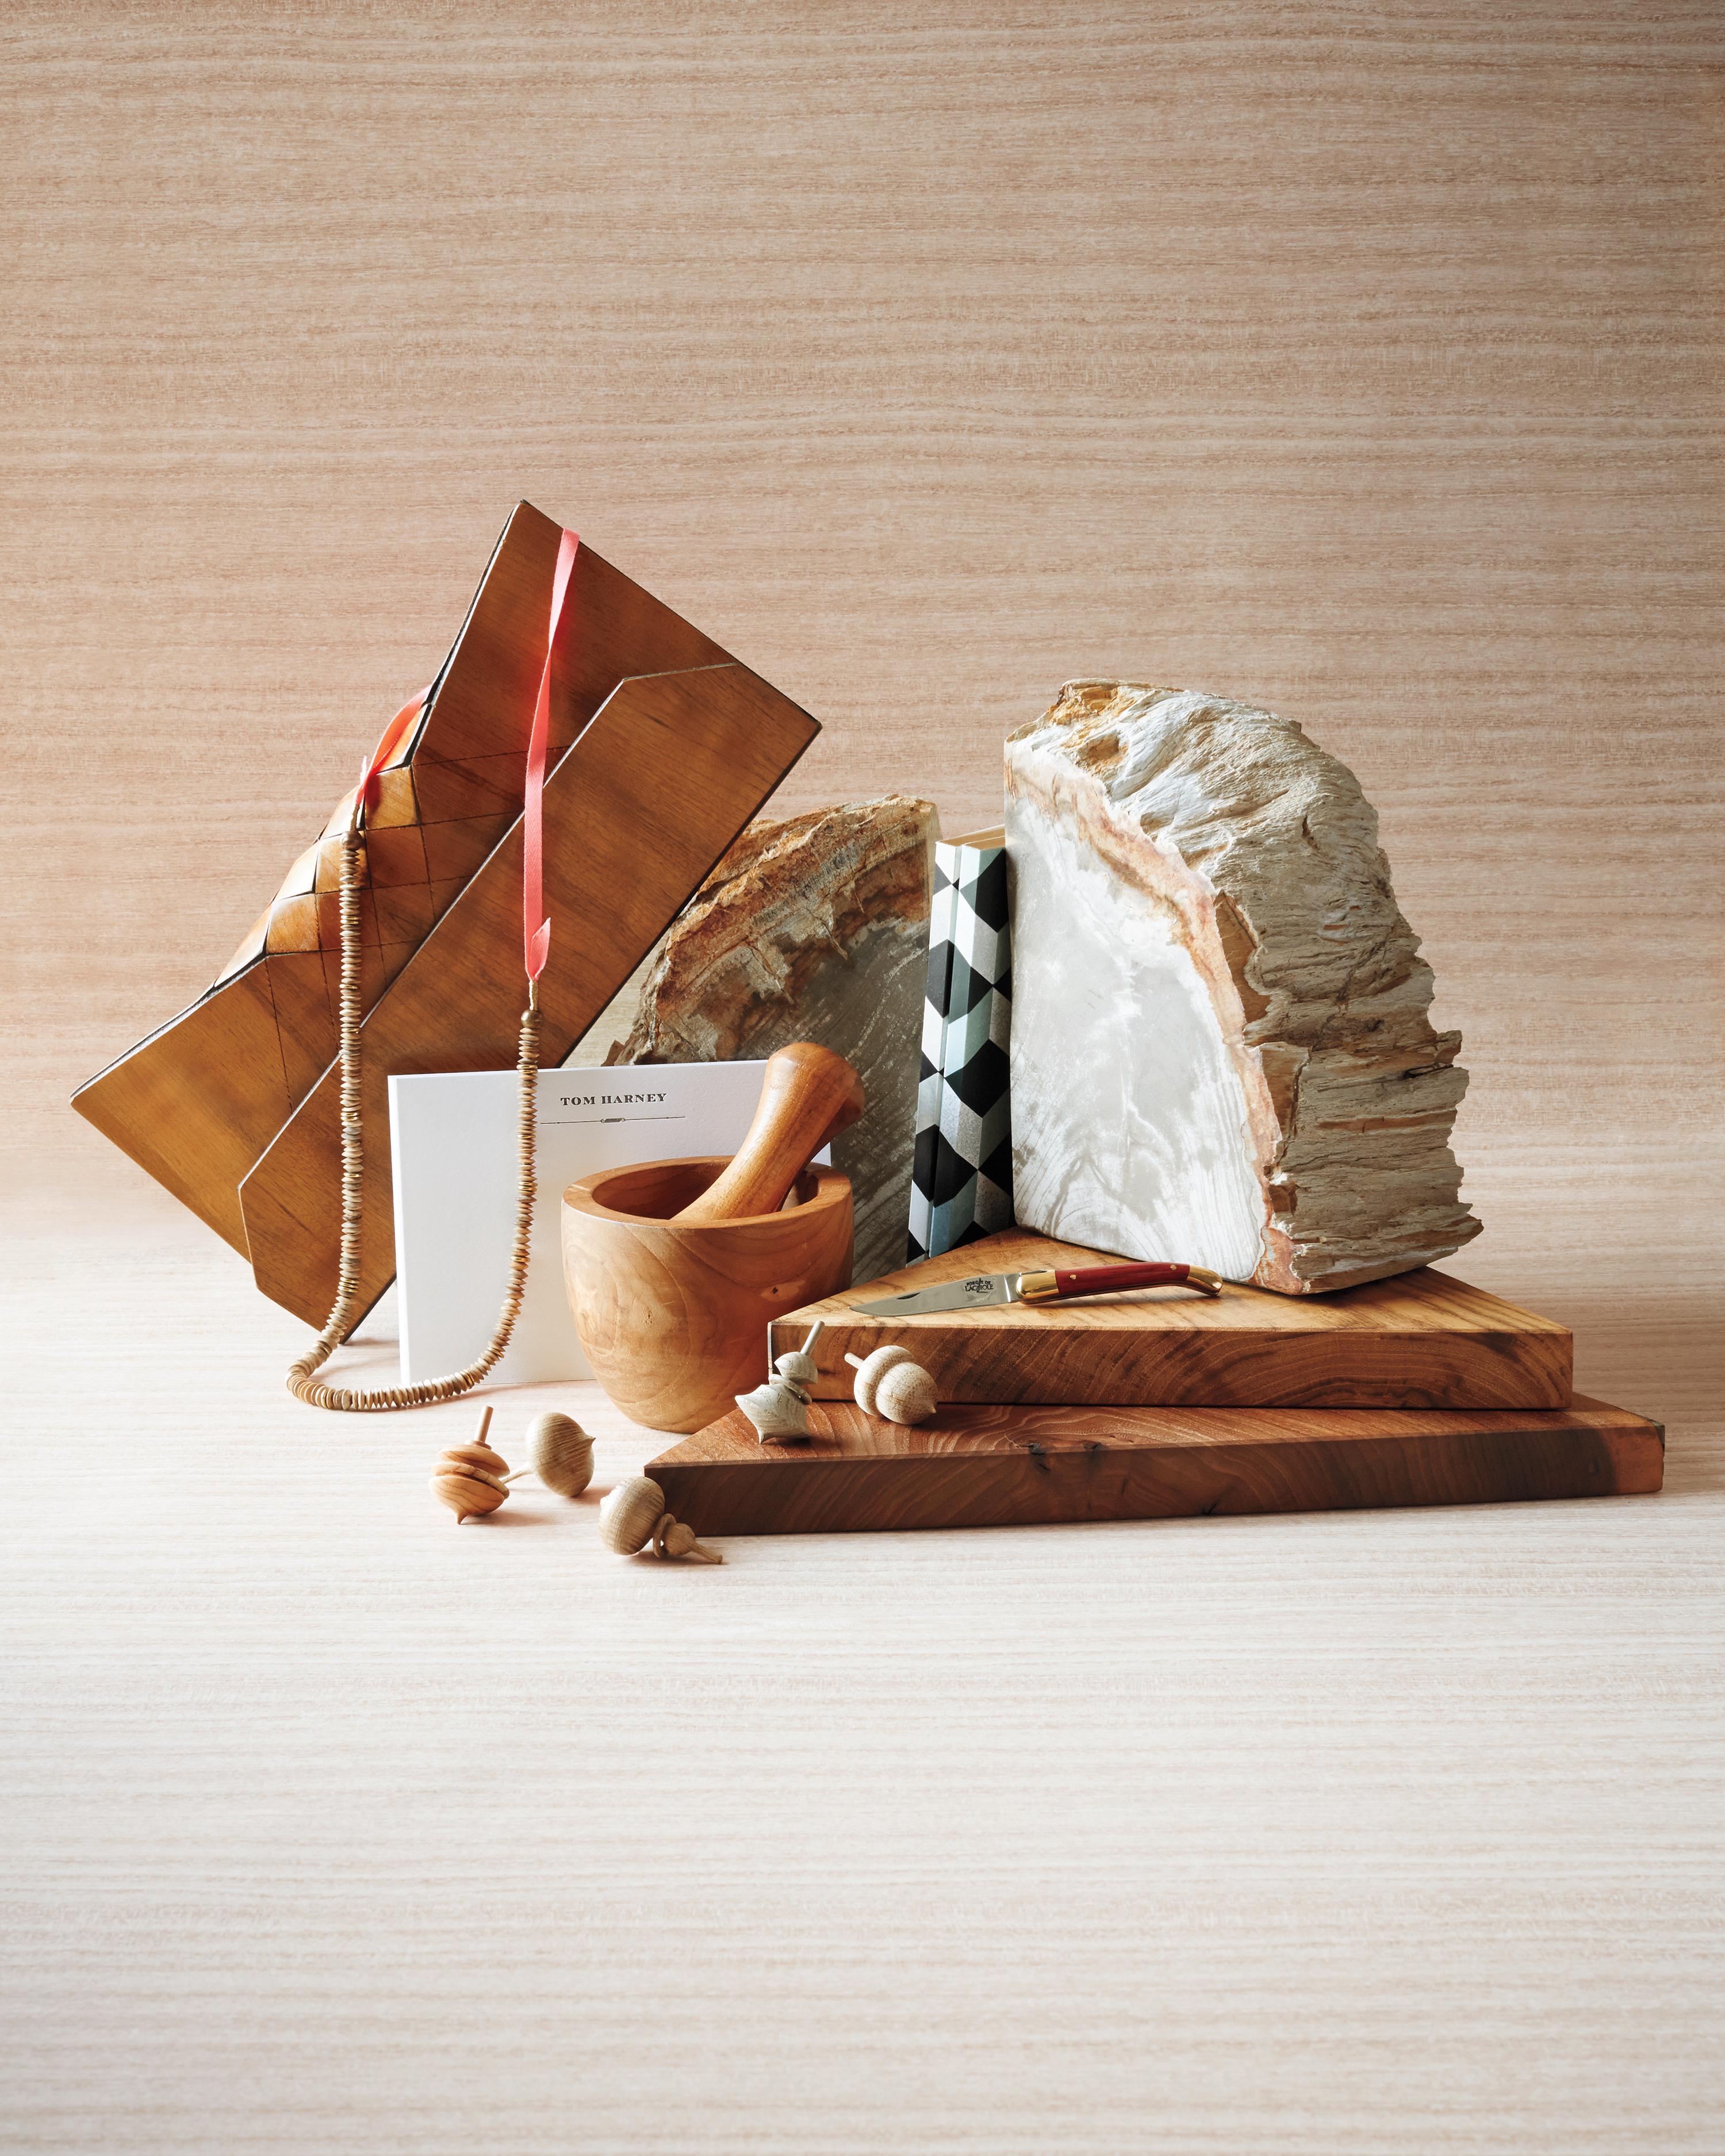 paperwood-039r-mwd110424.jpg